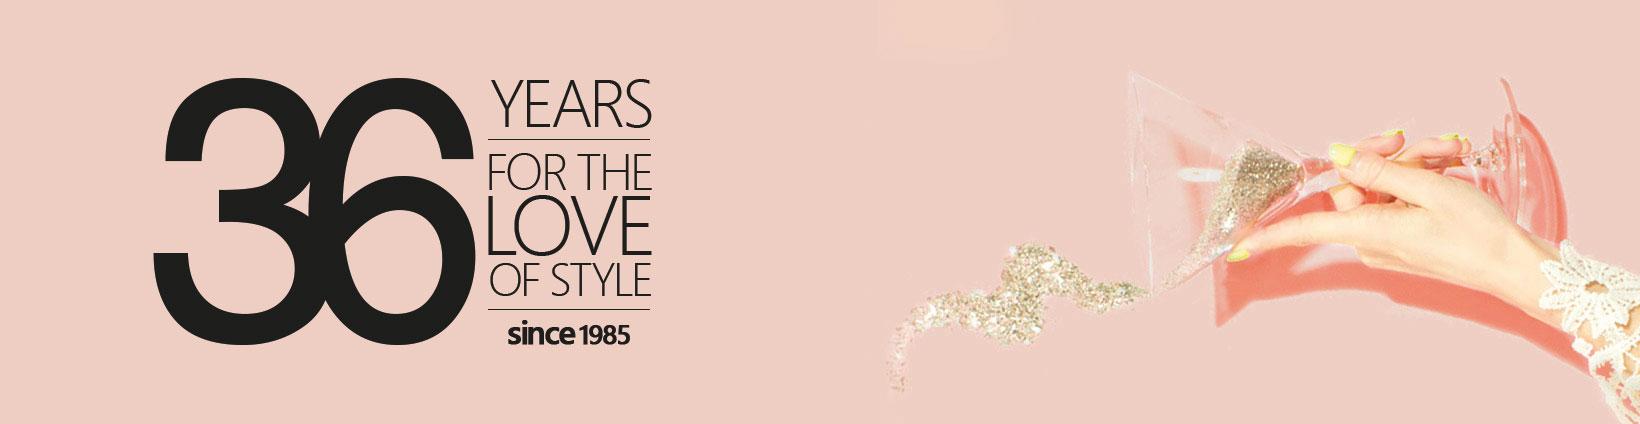 Calliste célèbre son anniversaire 36